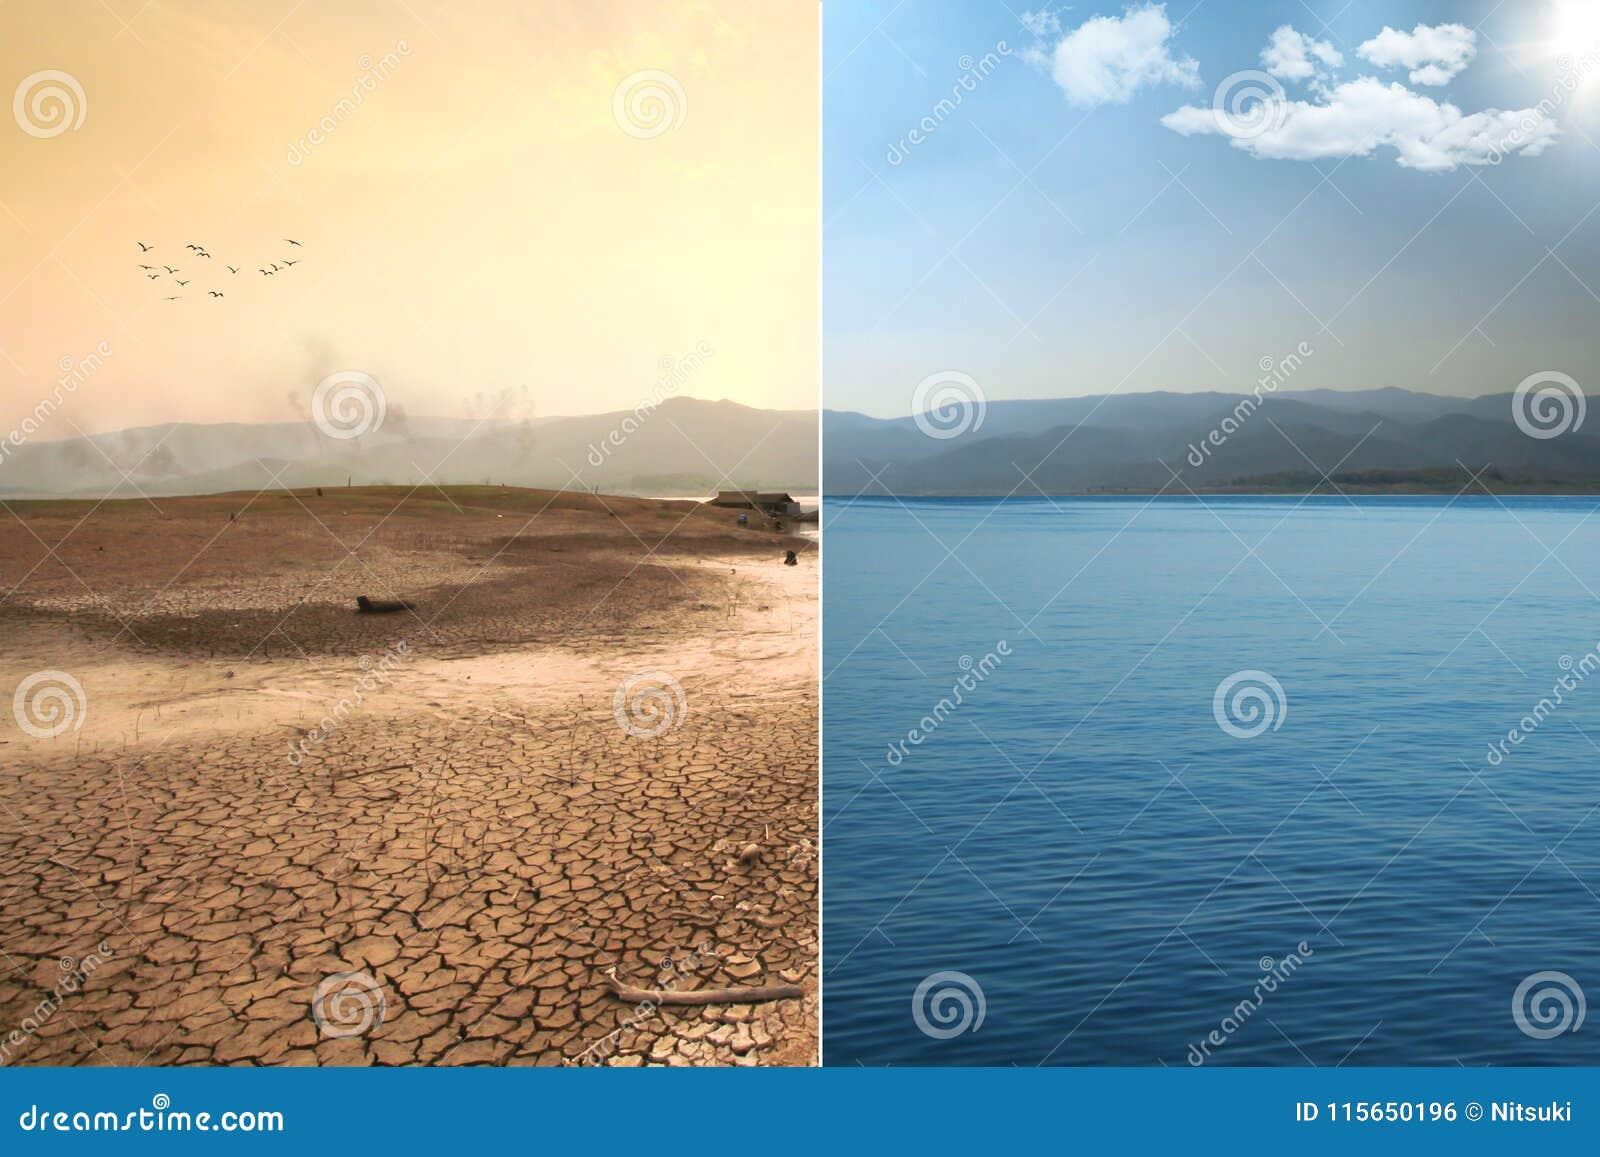 Globale Erwärmung und Klimawandelauswirkung